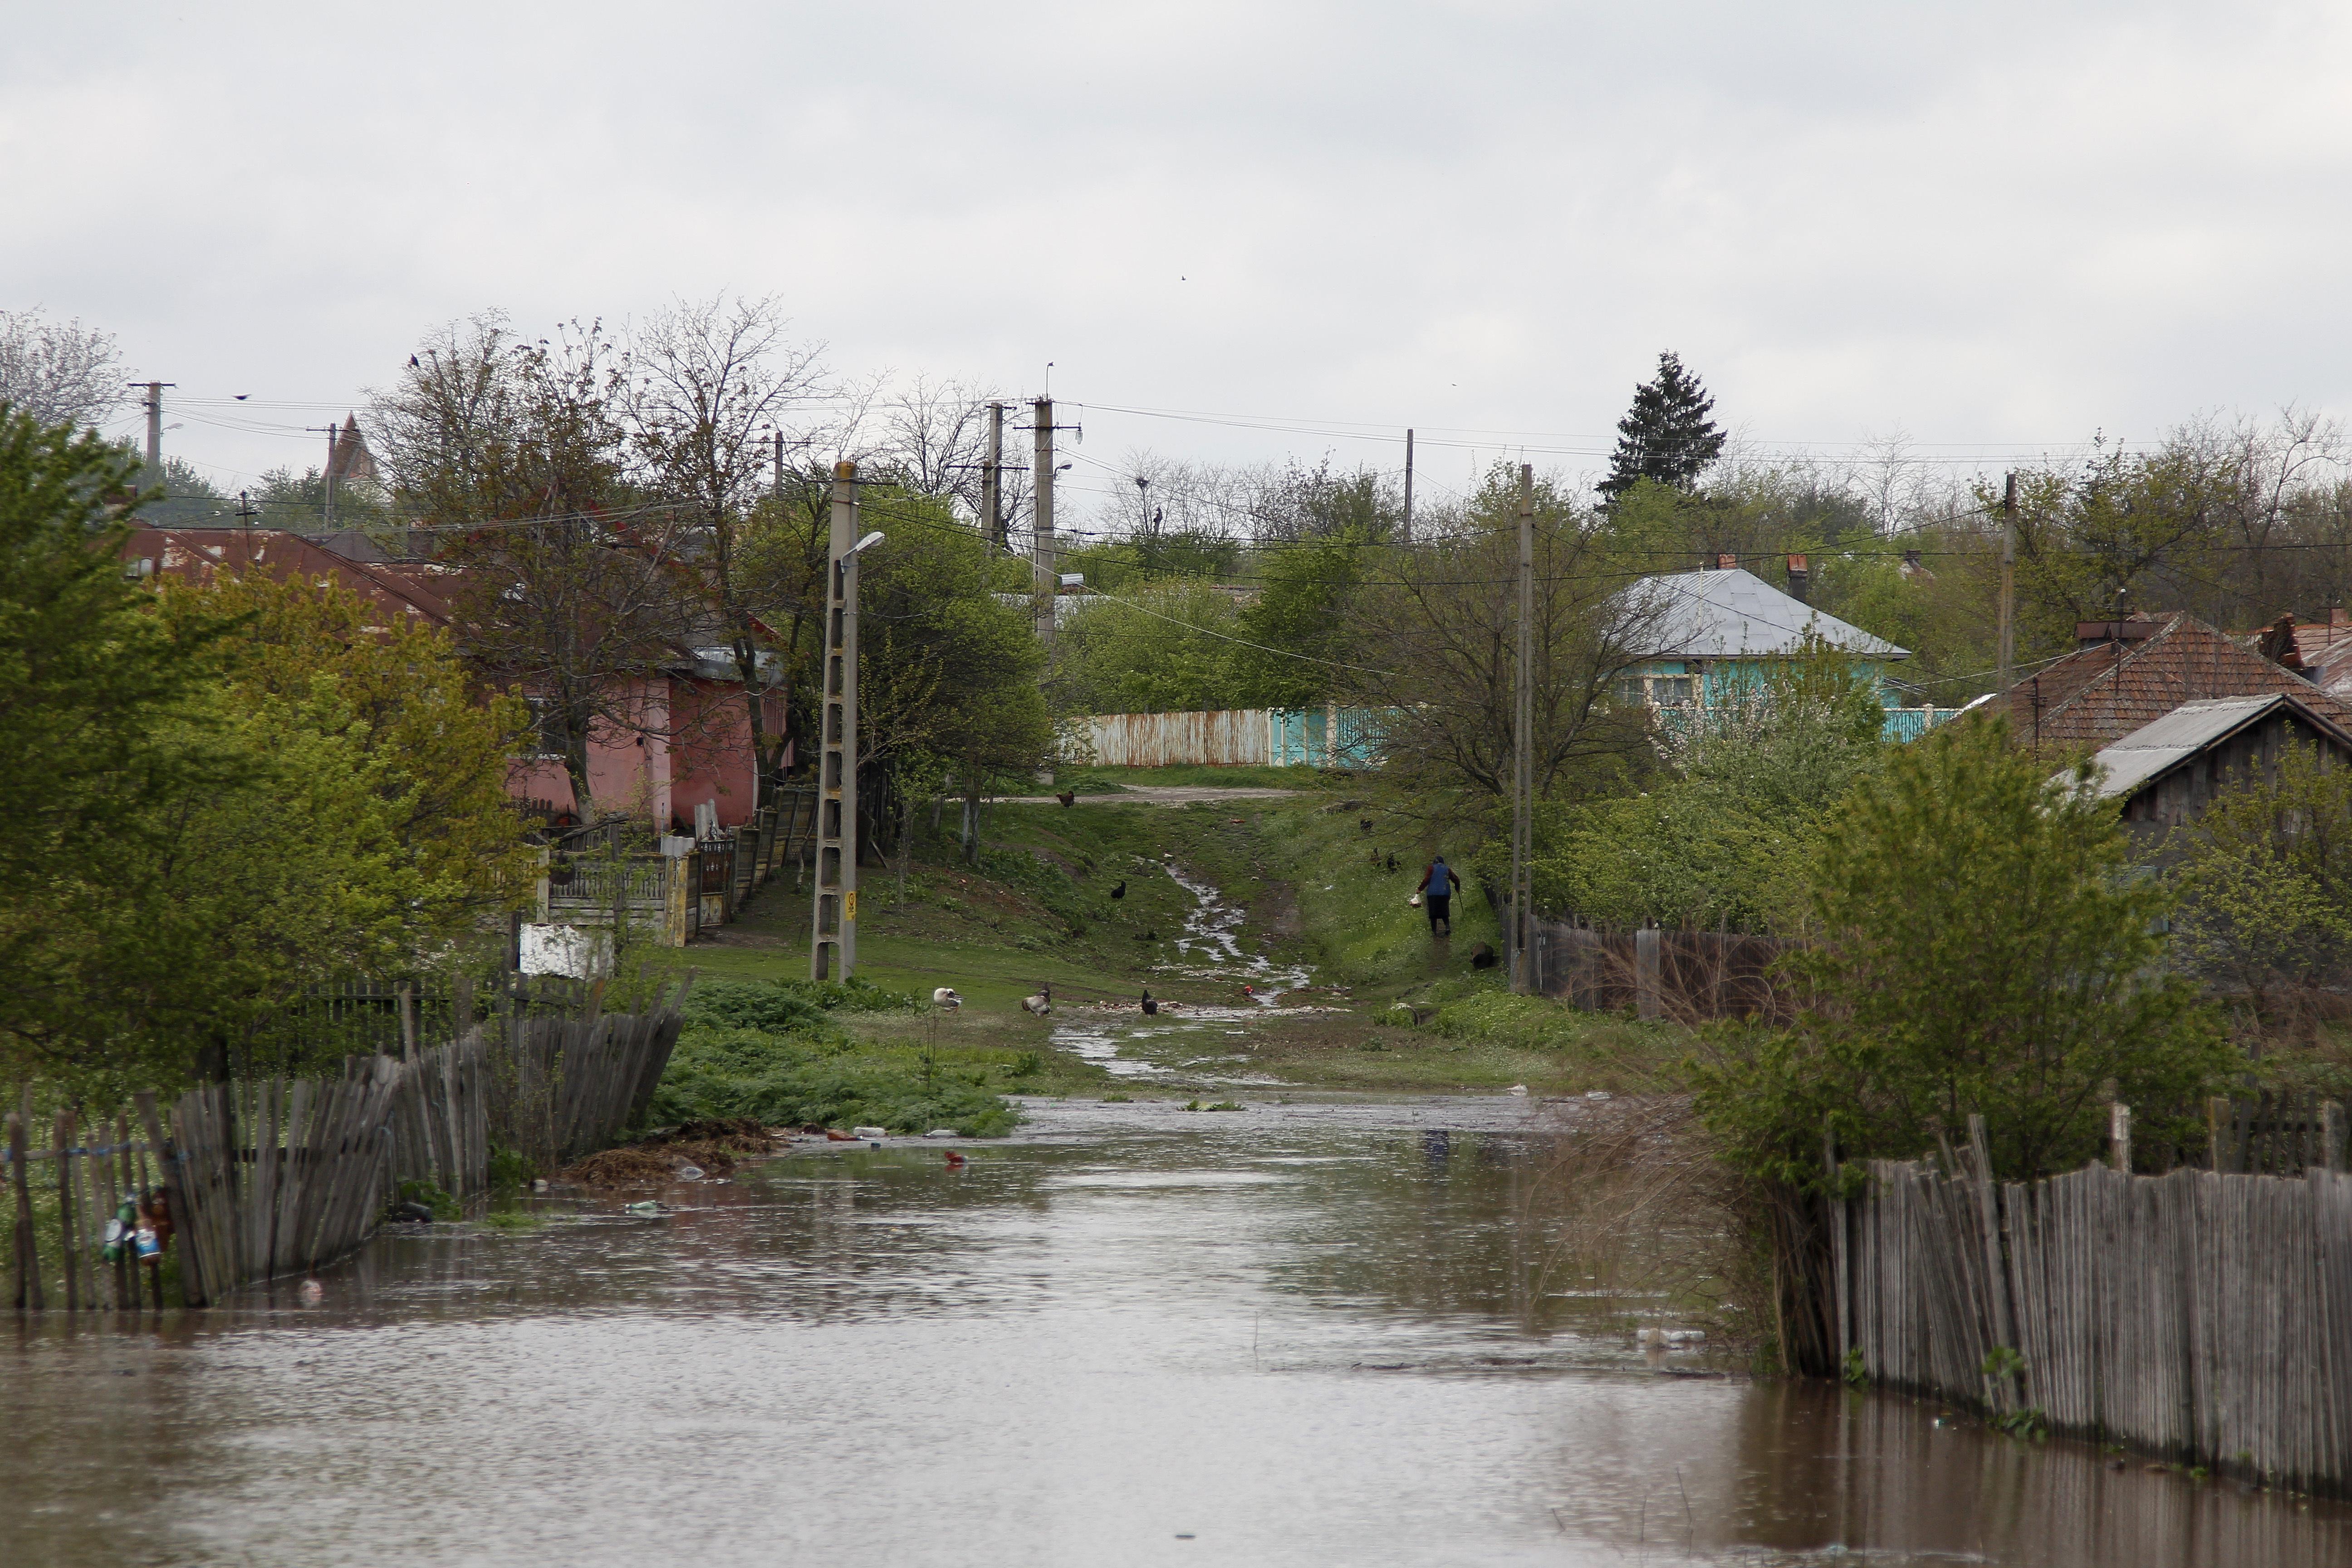 Alertă METEO. Cod galben de inundaţii în judeţul Teleorman